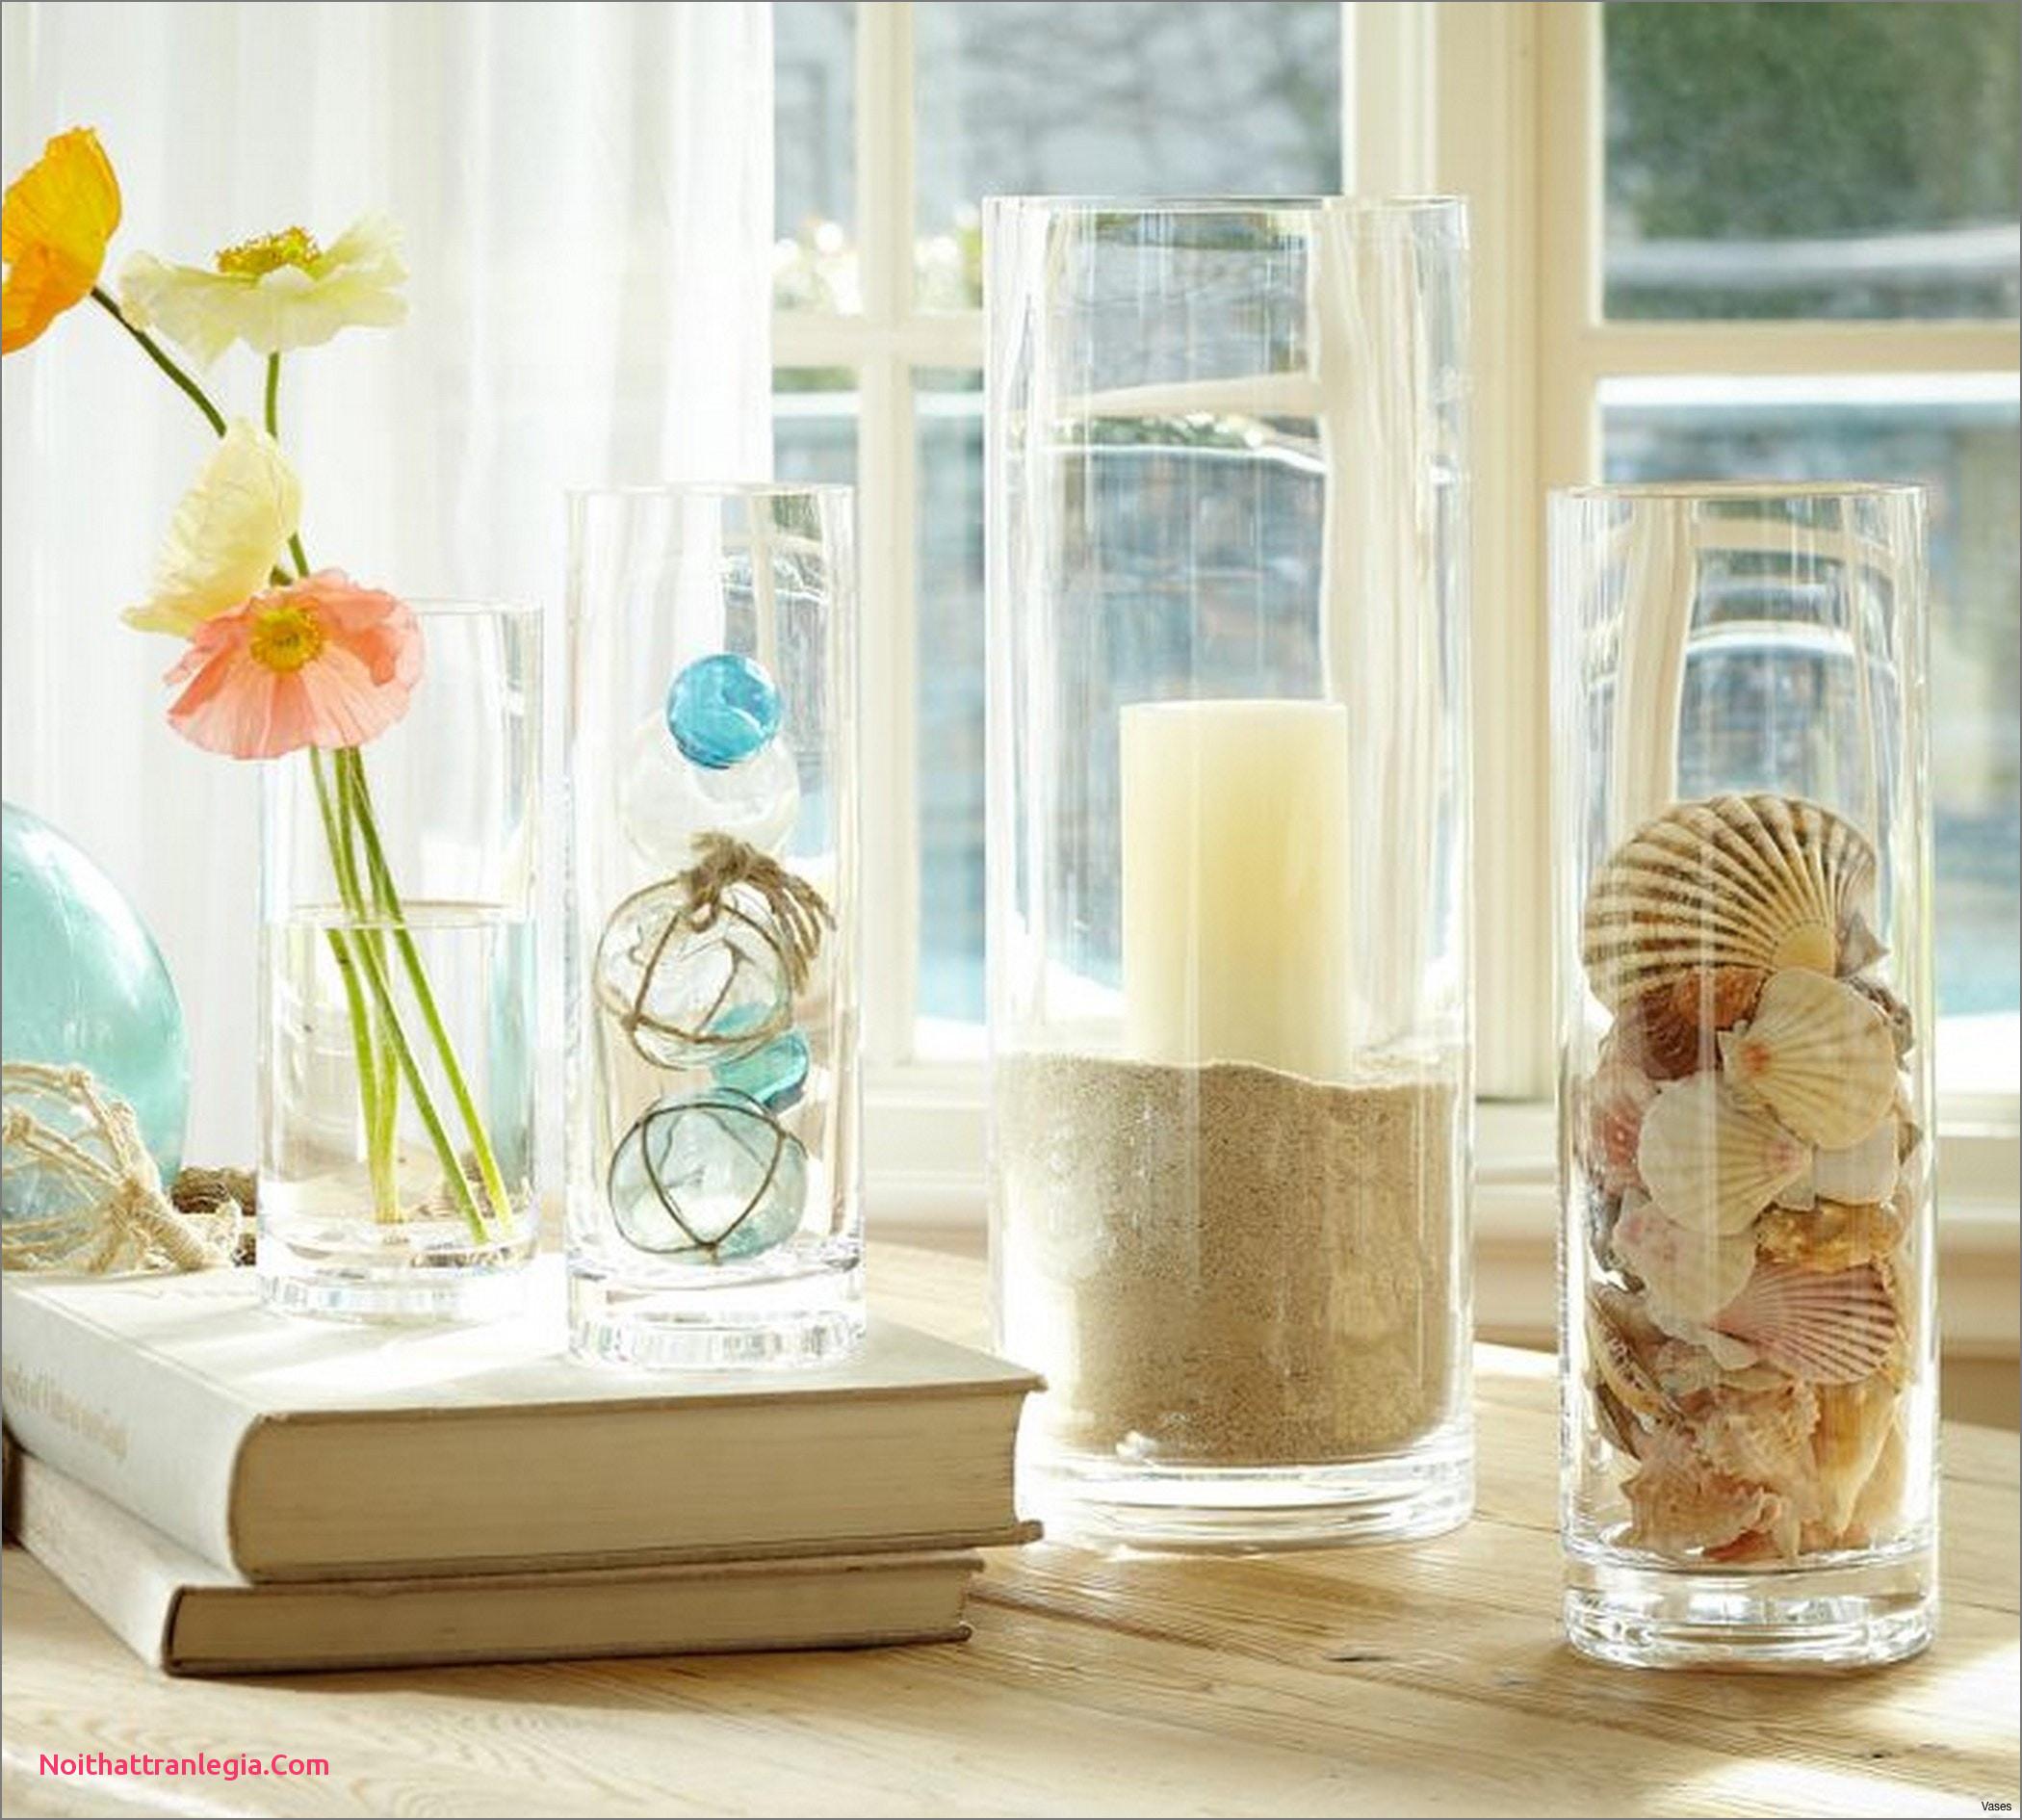 30 Stunning Tall Cylindrical Glass Vases 2021 free download tall cylindrical glass vases of 20 how to make mercury glass vases noithattranlegia vases design for glass vase fillers vase filler ideas 5h vases summer 5i 0d inspiration vase